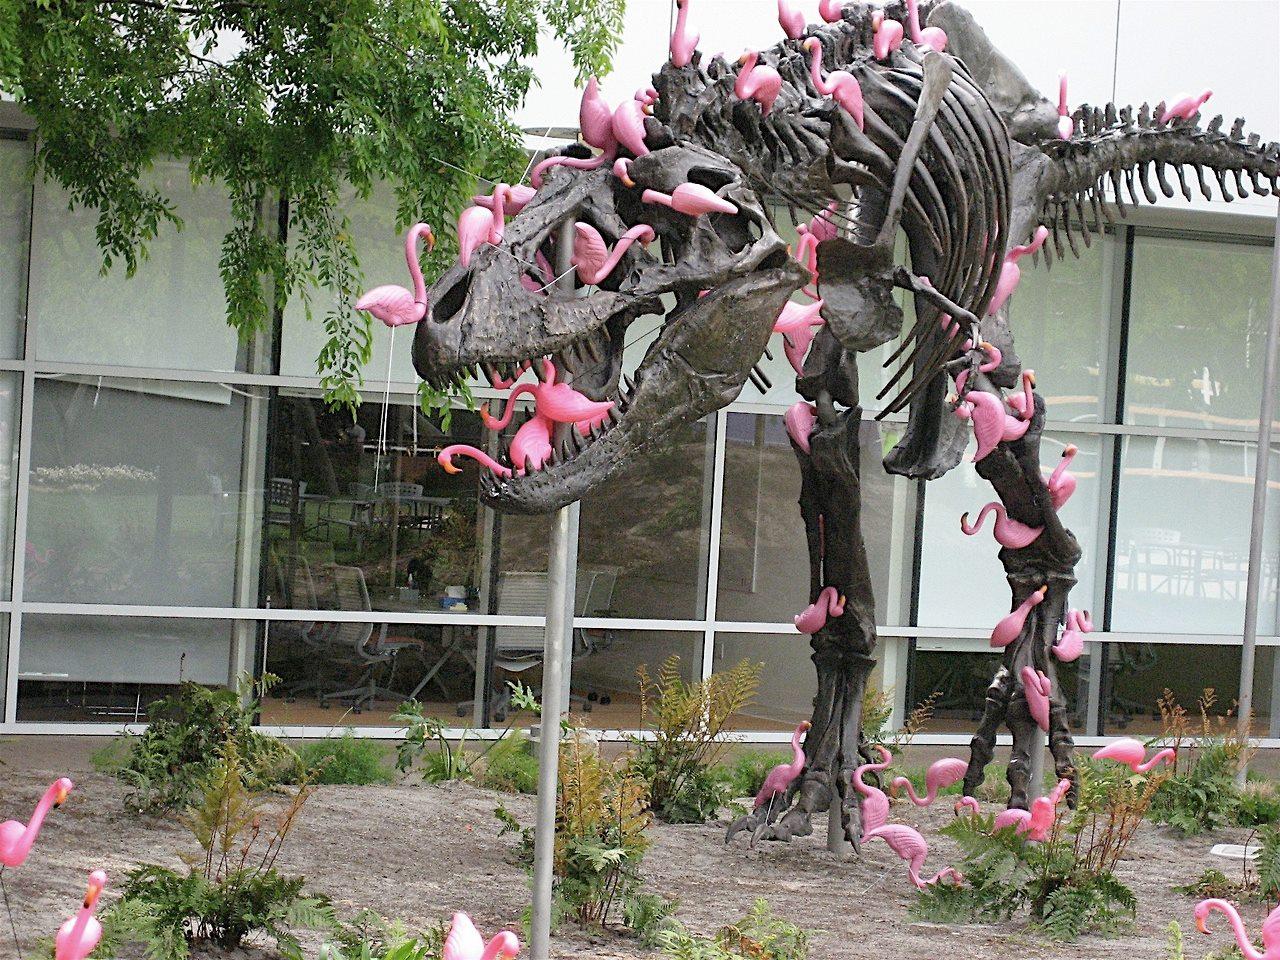 google-campus-dinosaur-attack-flamingos-1